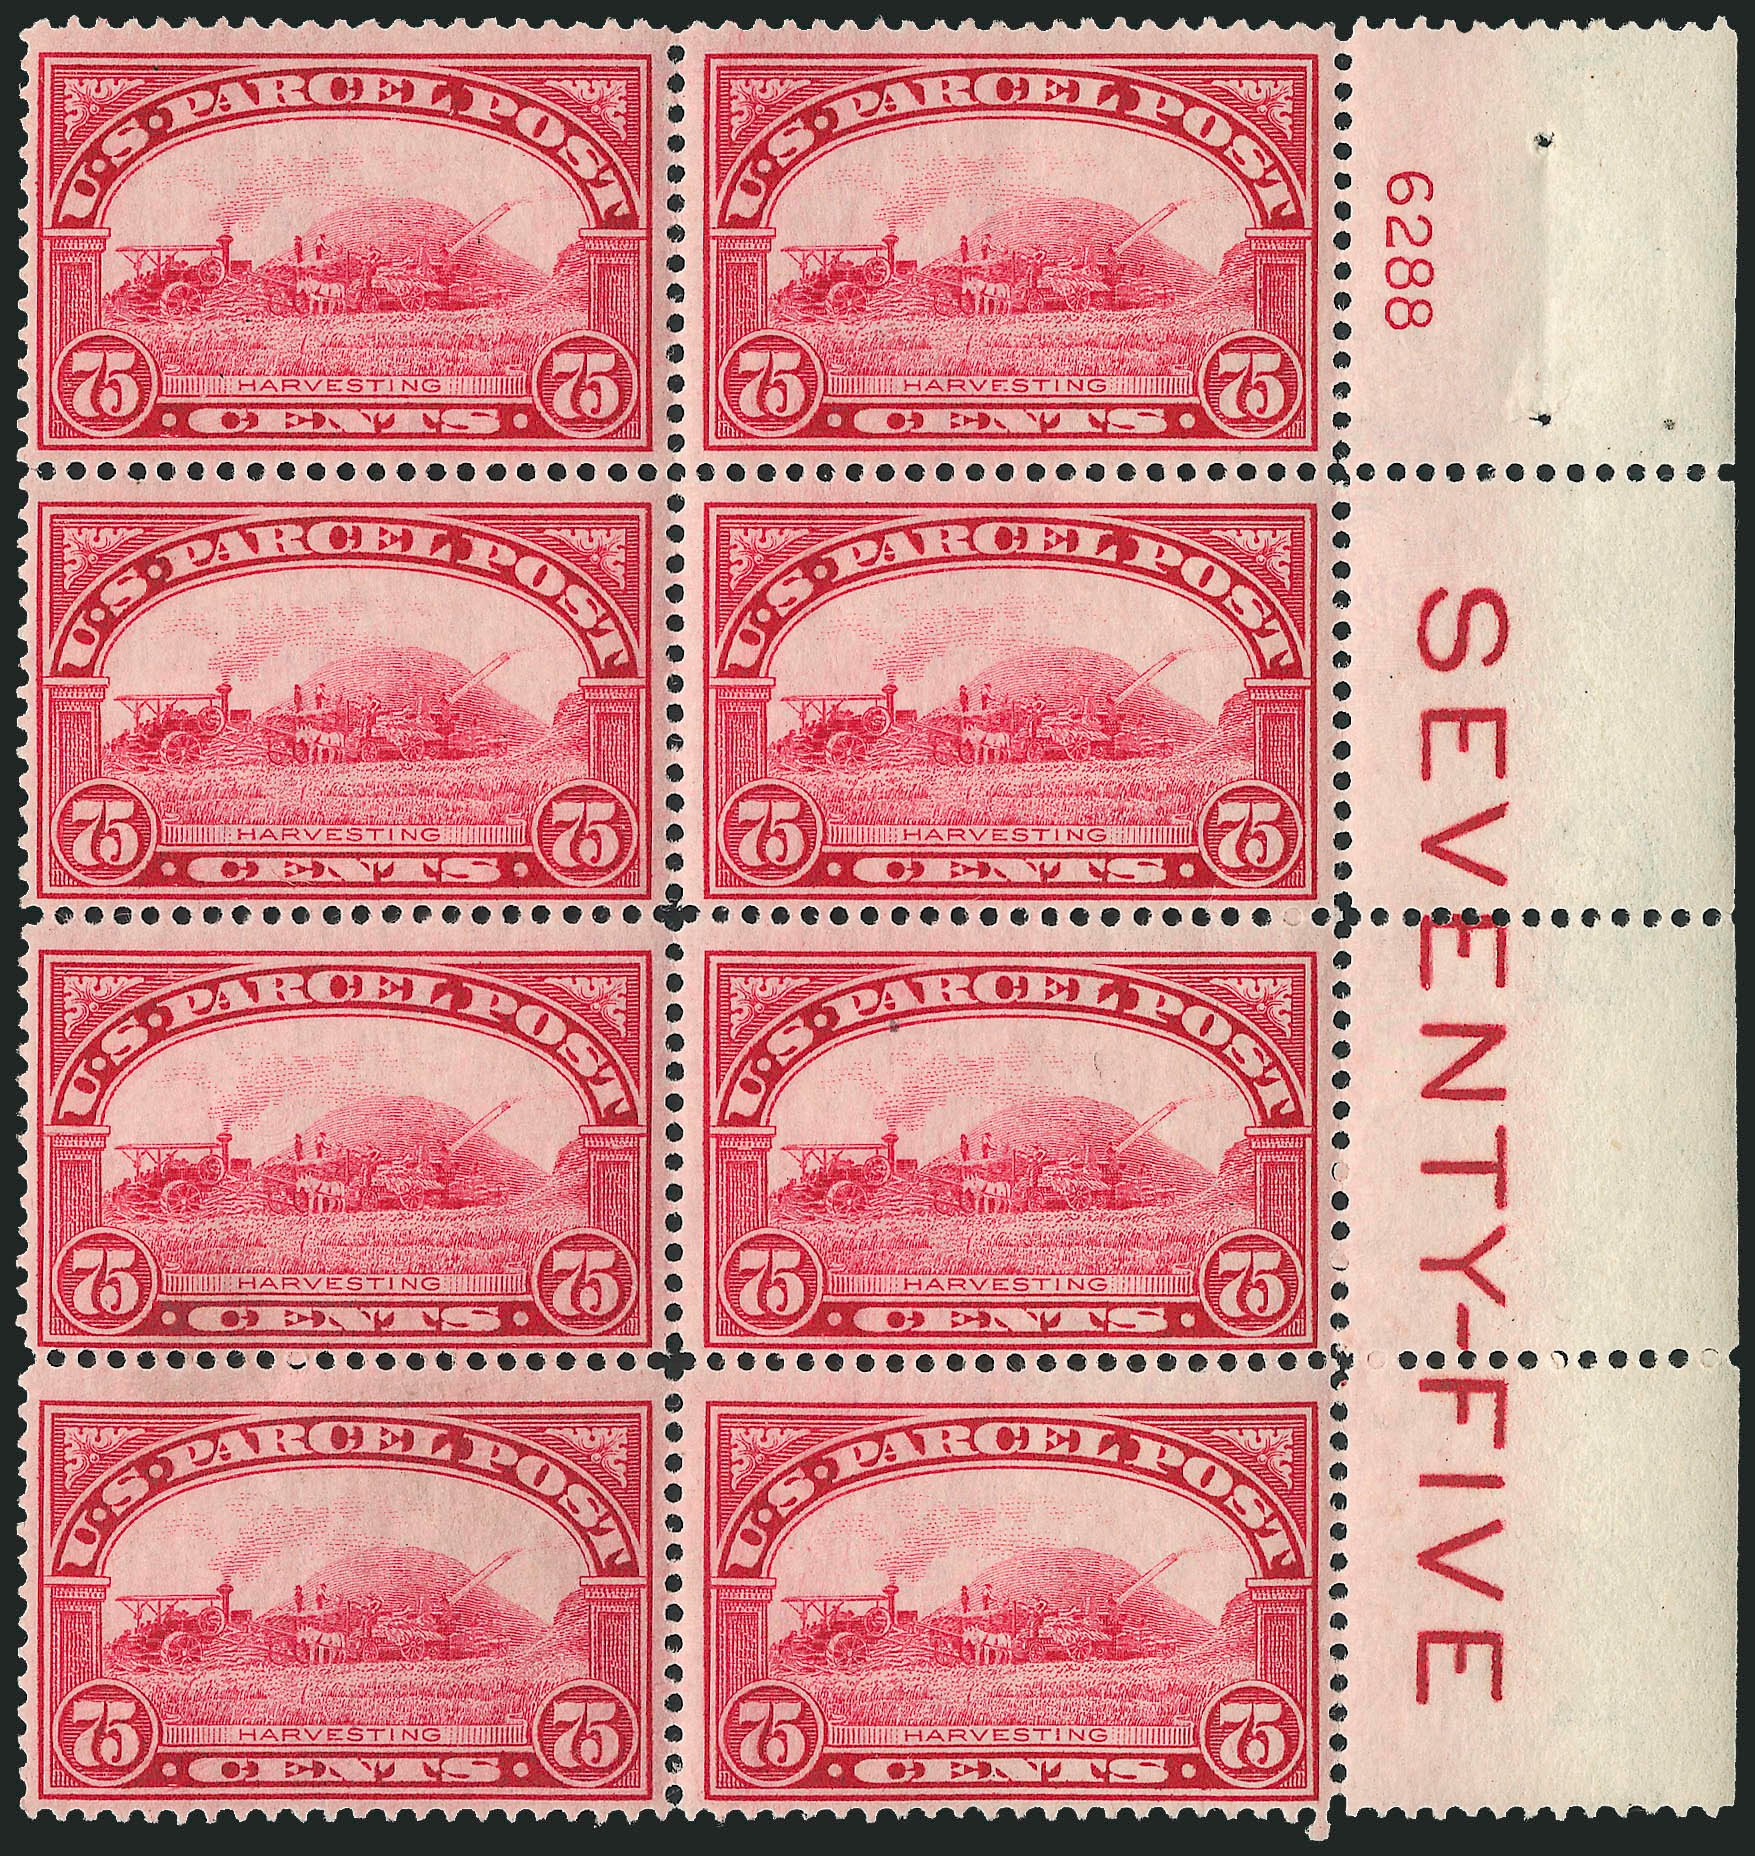 US Stamp Prices Scott Q11: 1913 75c Parcel Post. Robert Siegel Auction Galleries, Apr 2009, Sale 971, Lot 2209